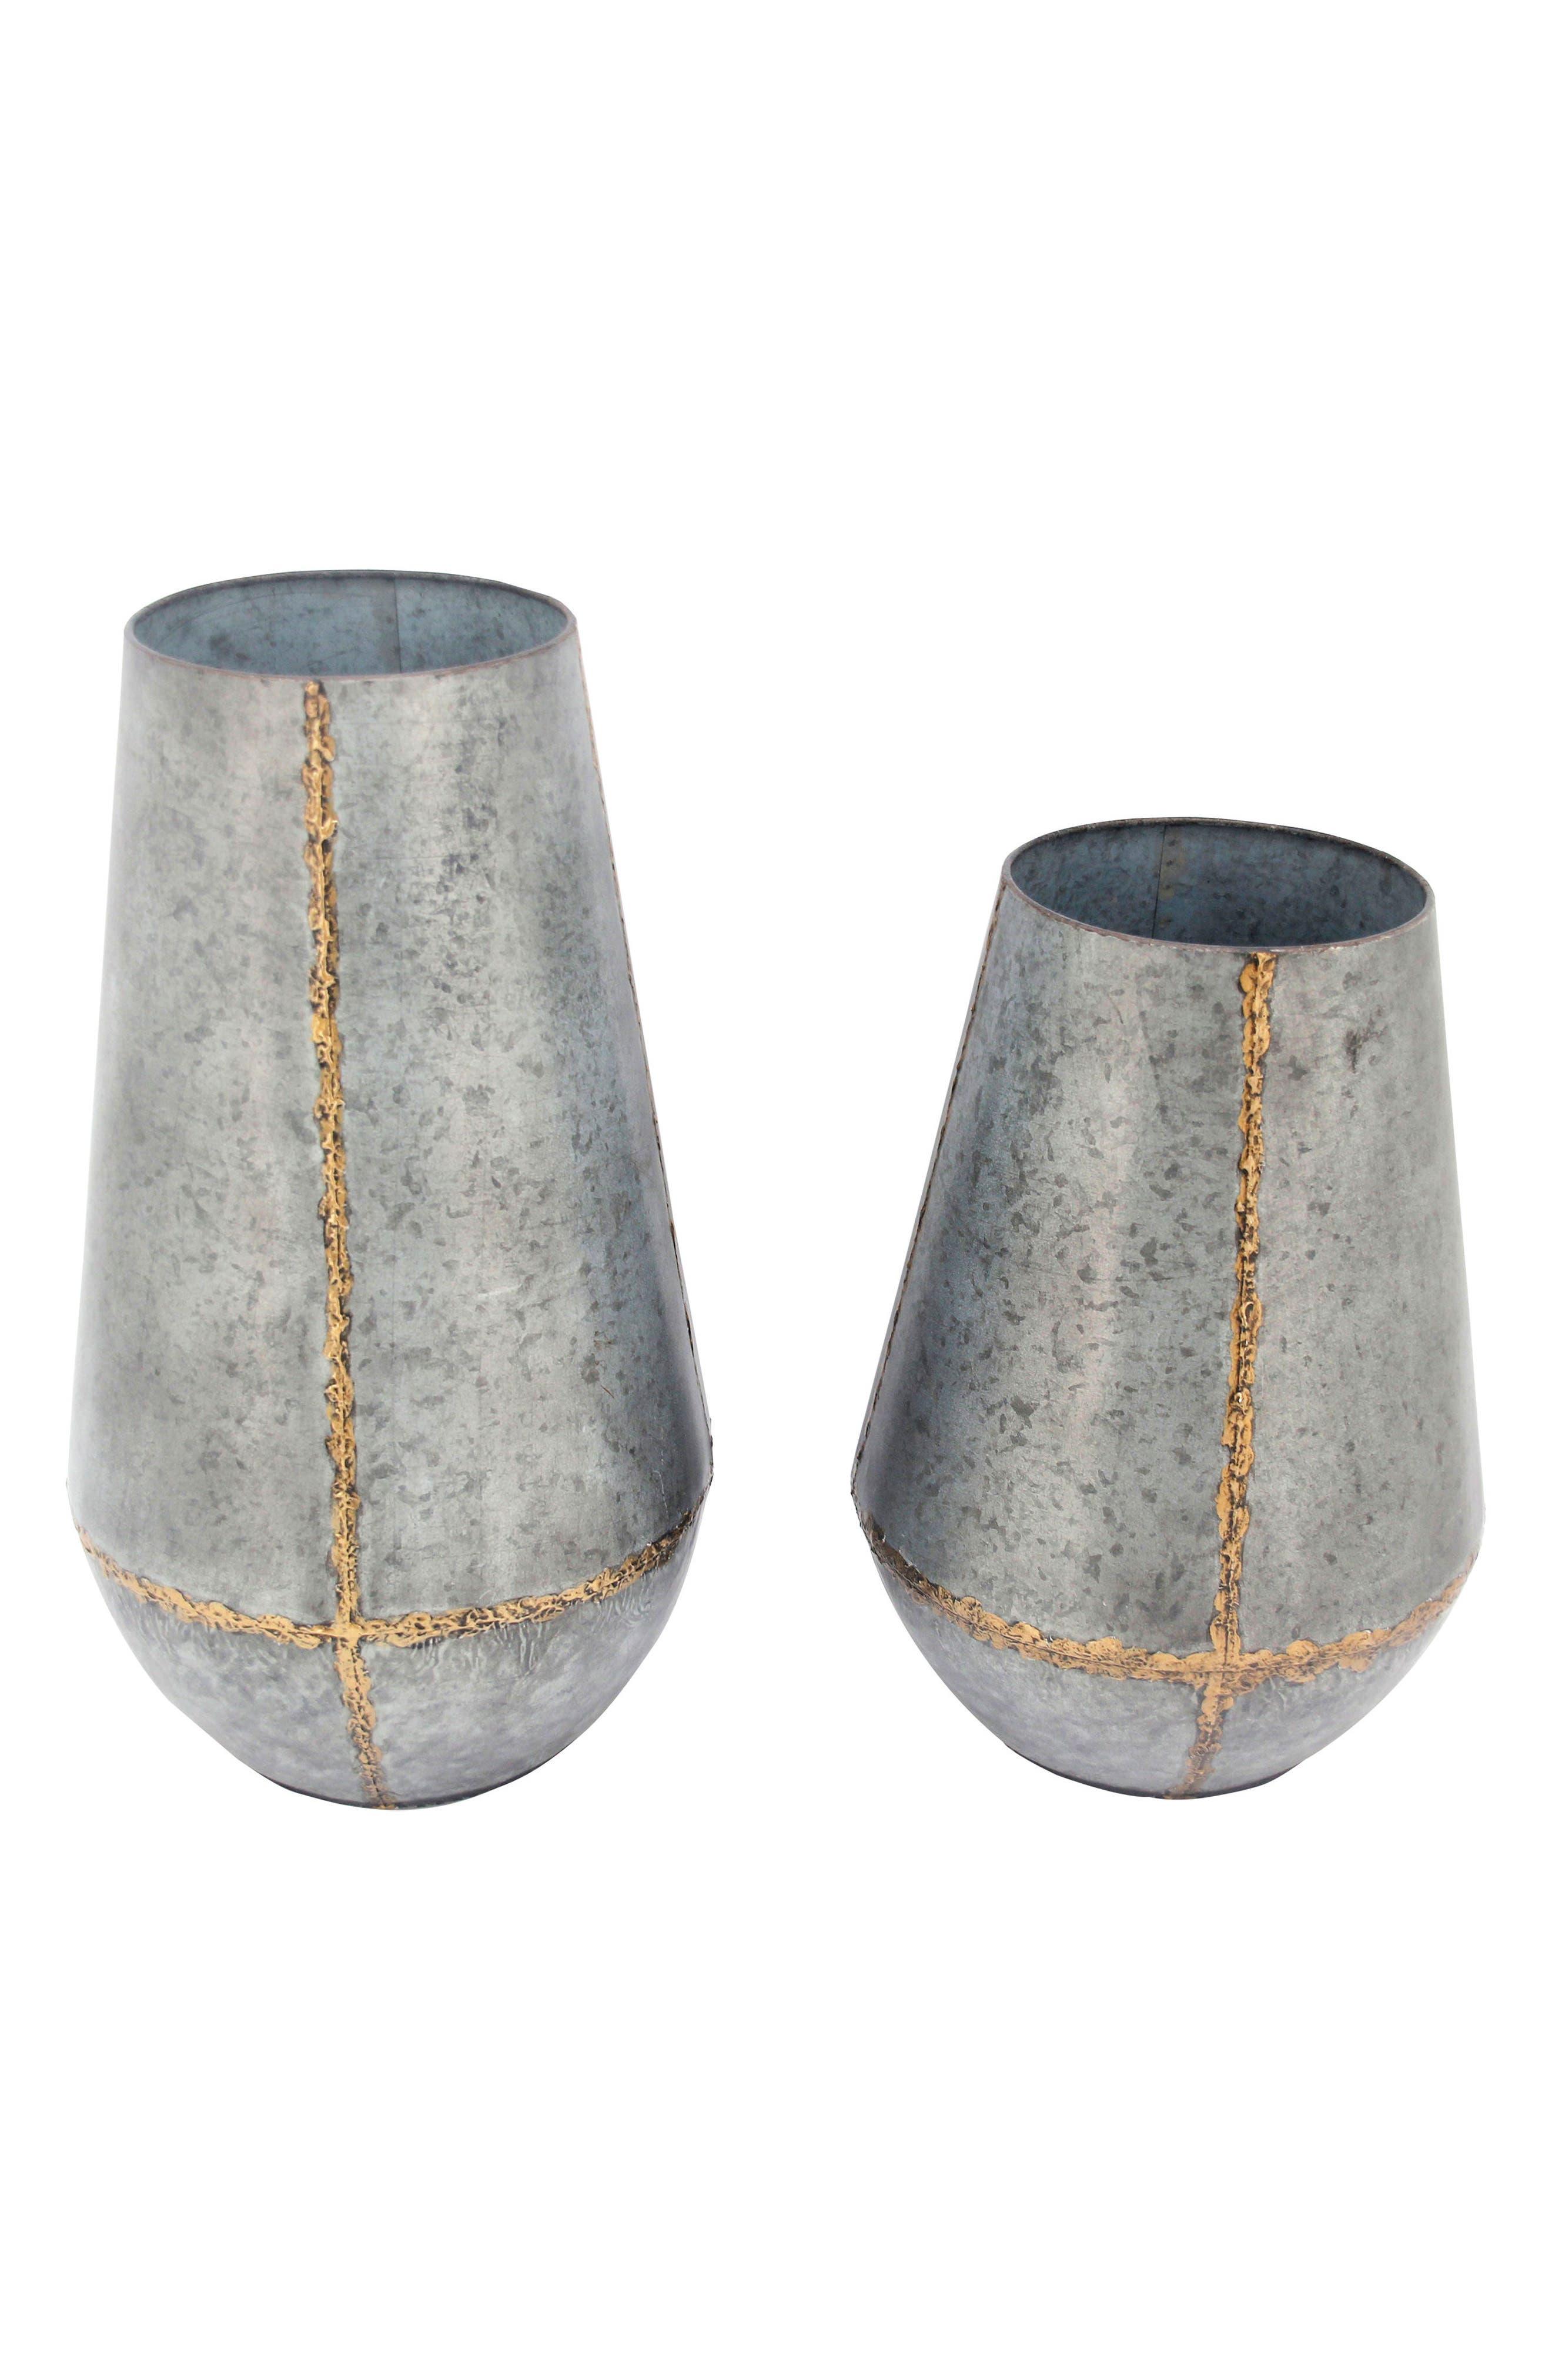 Foreside Set of 2 Soldered Metal Vases